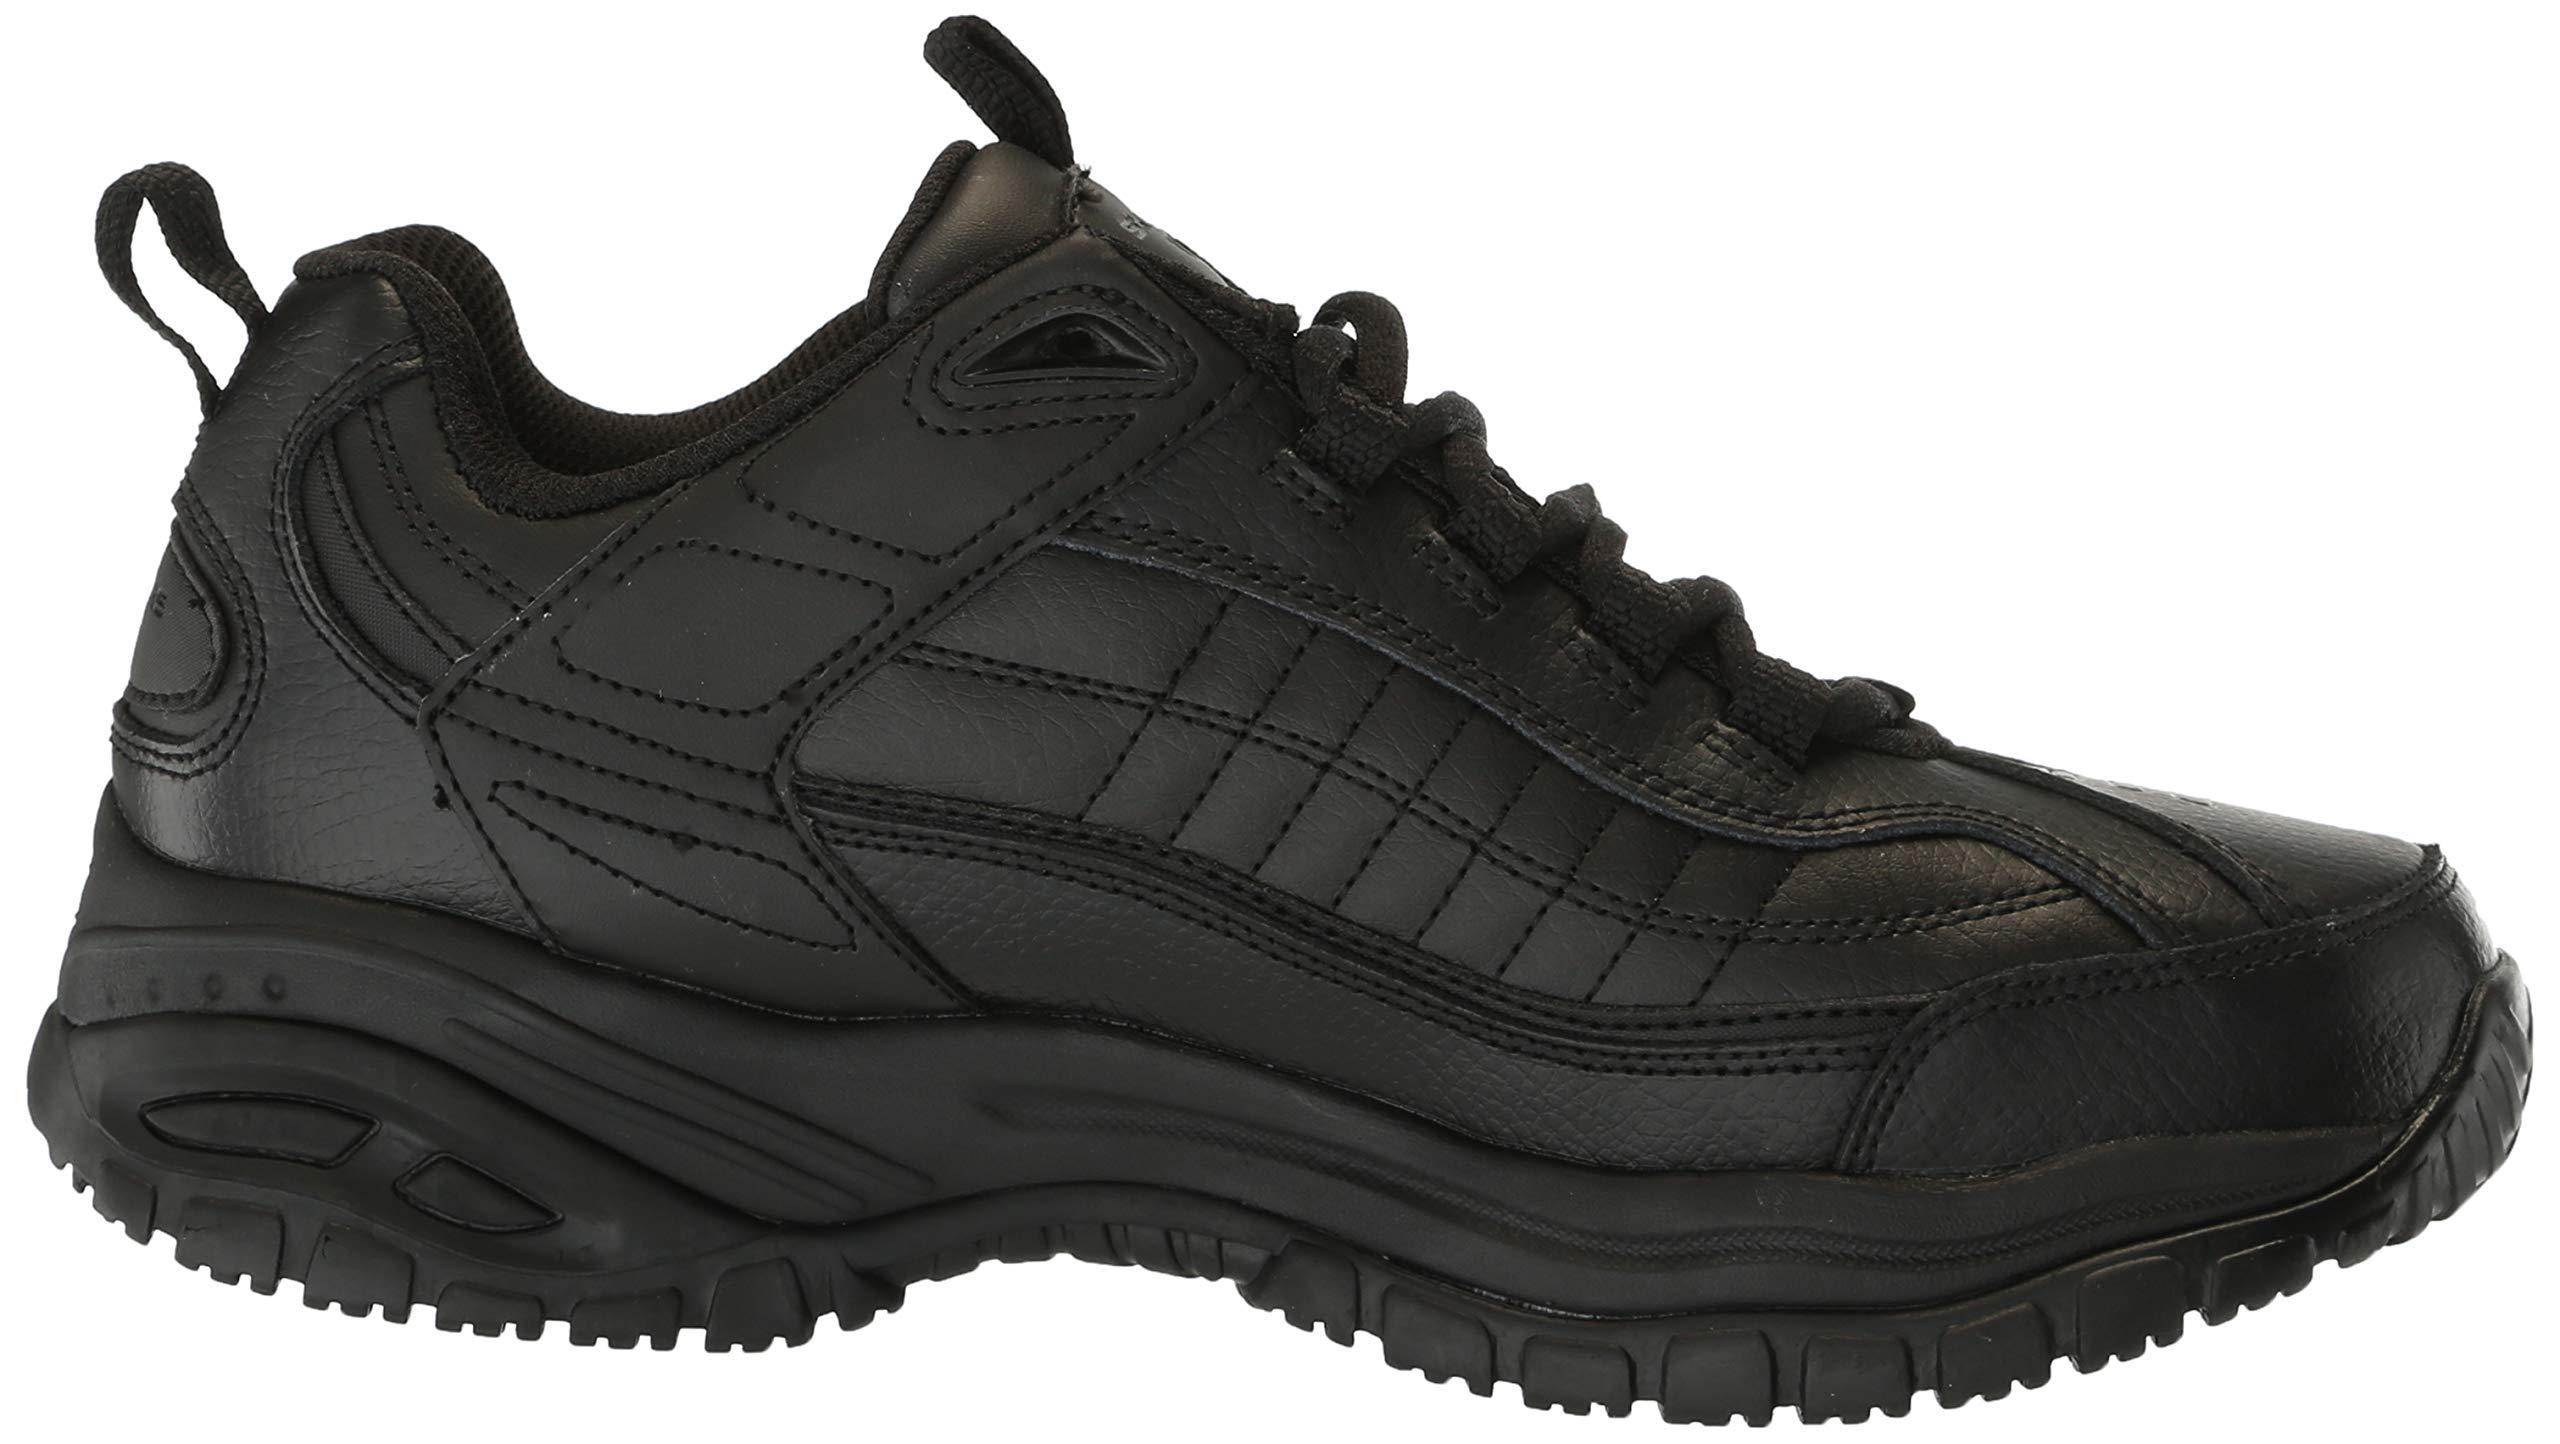 Skechers Men's Soft Stride - Galley Black Smooth Lthr/Midsole 8 EW by Skechers (Image #6)